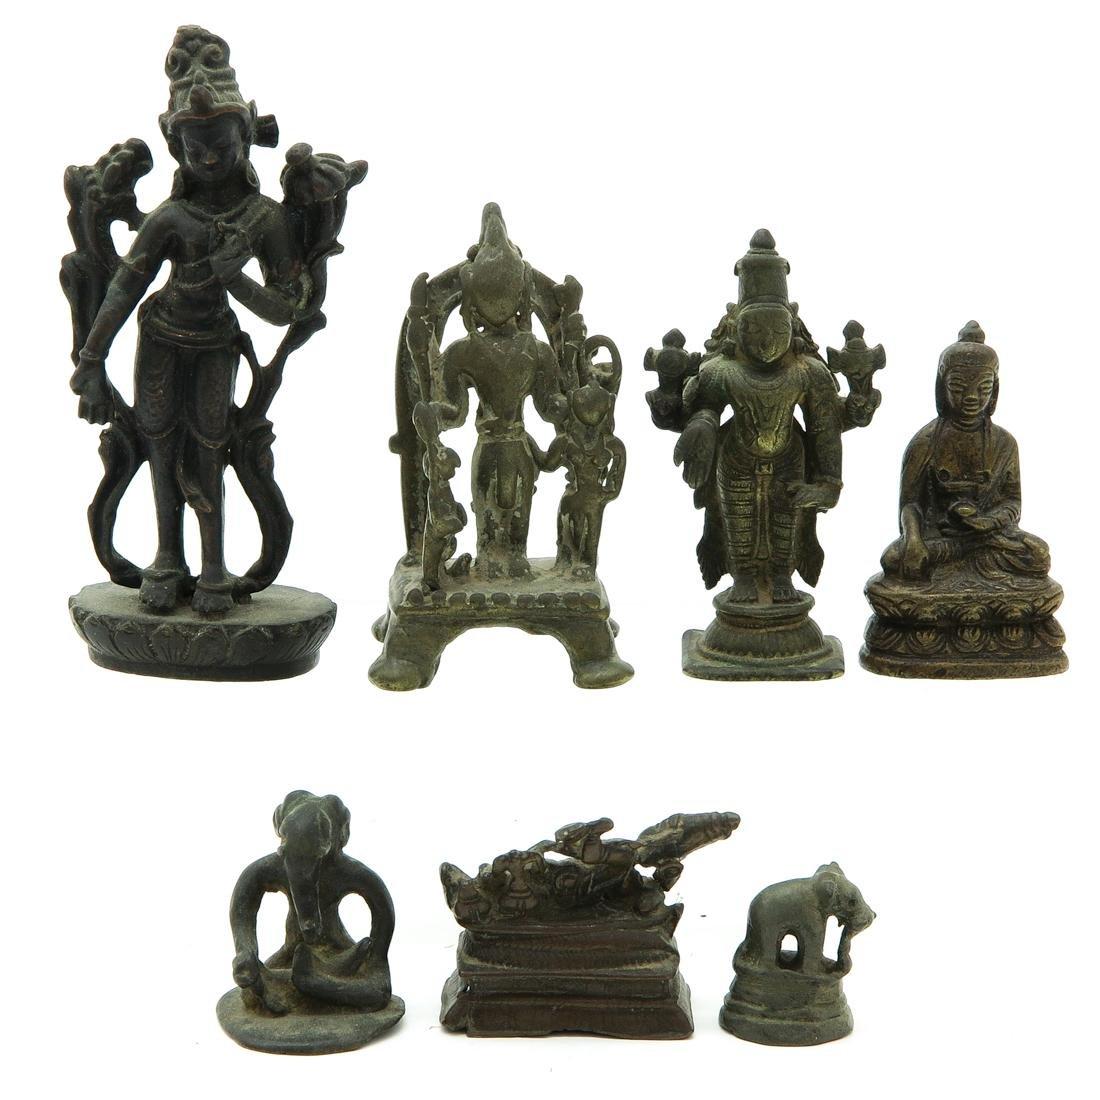 Lot of 7 Metal Sculptures